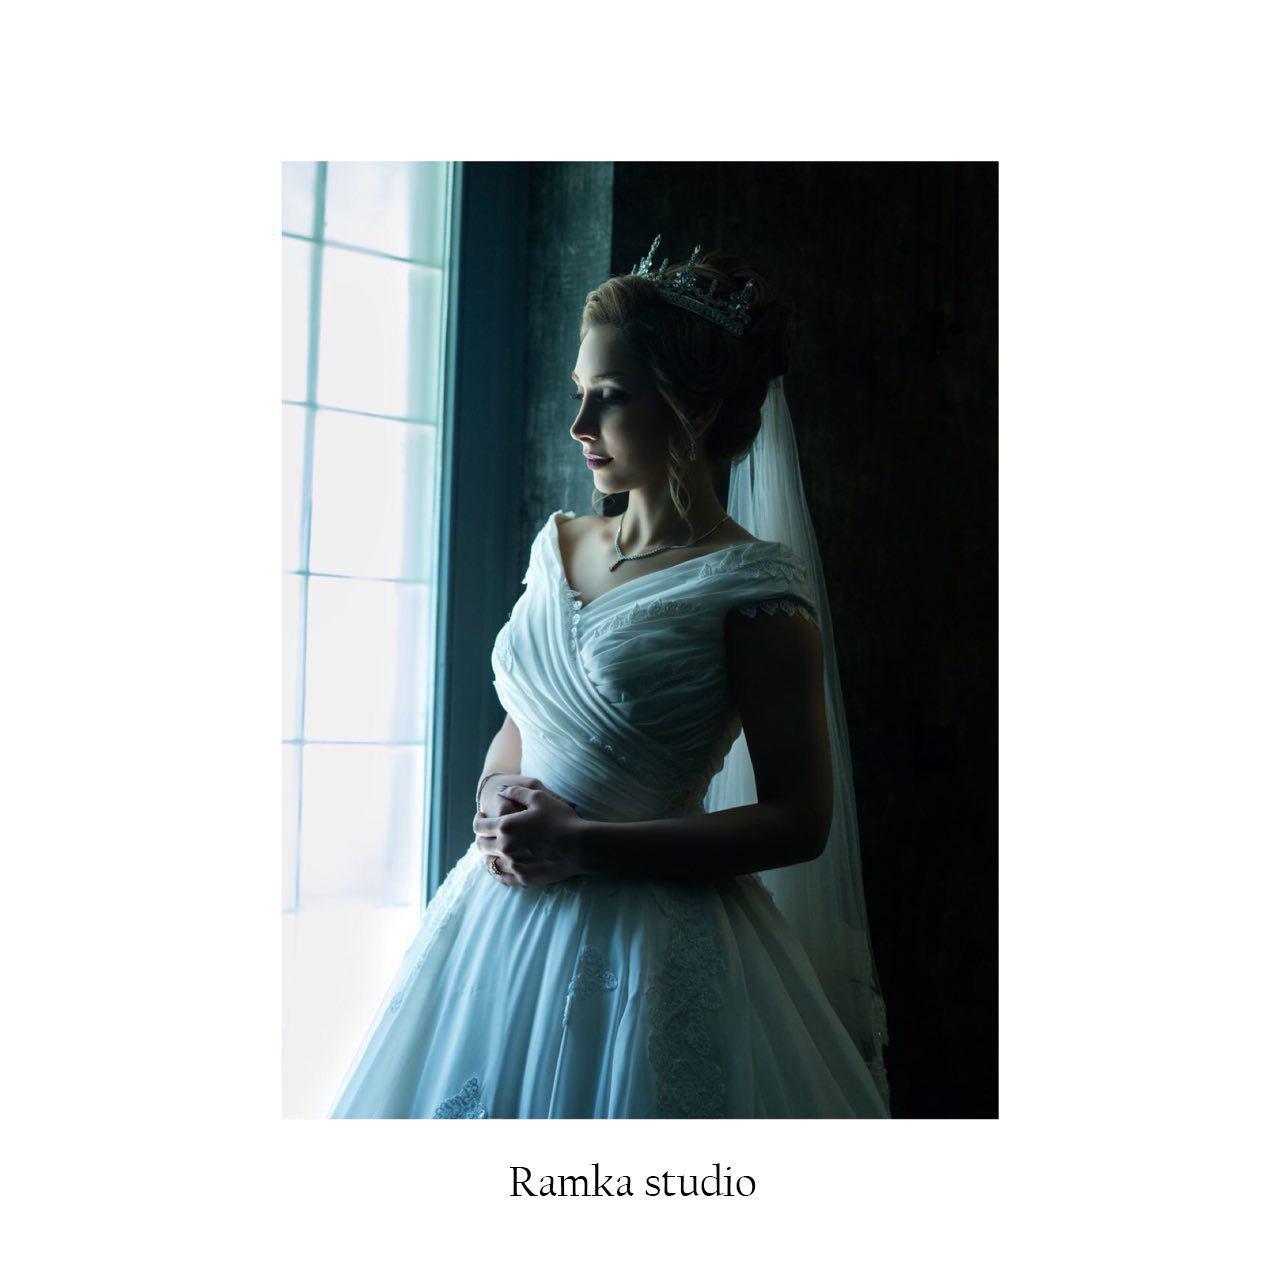 آتلیه عکس و فیلم رامکا | مدل عکس عروس